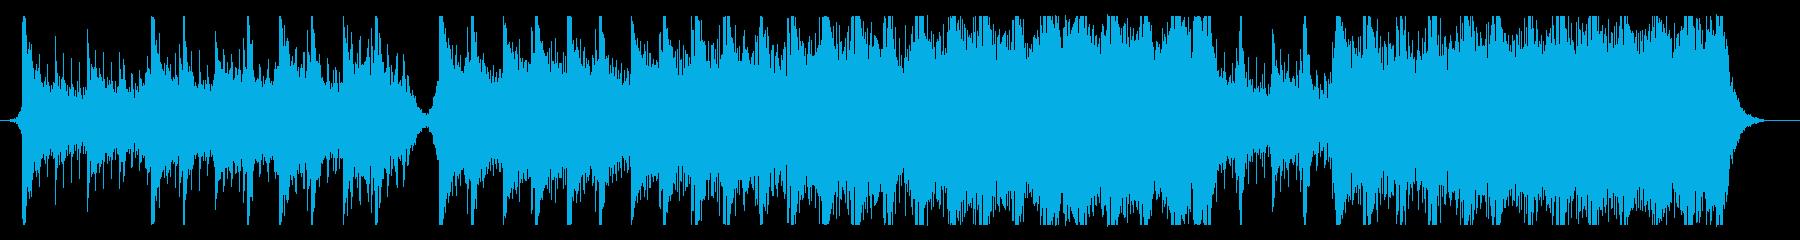 ハリウッド映画風の壮大なオーケストラ9の再生済みの波形